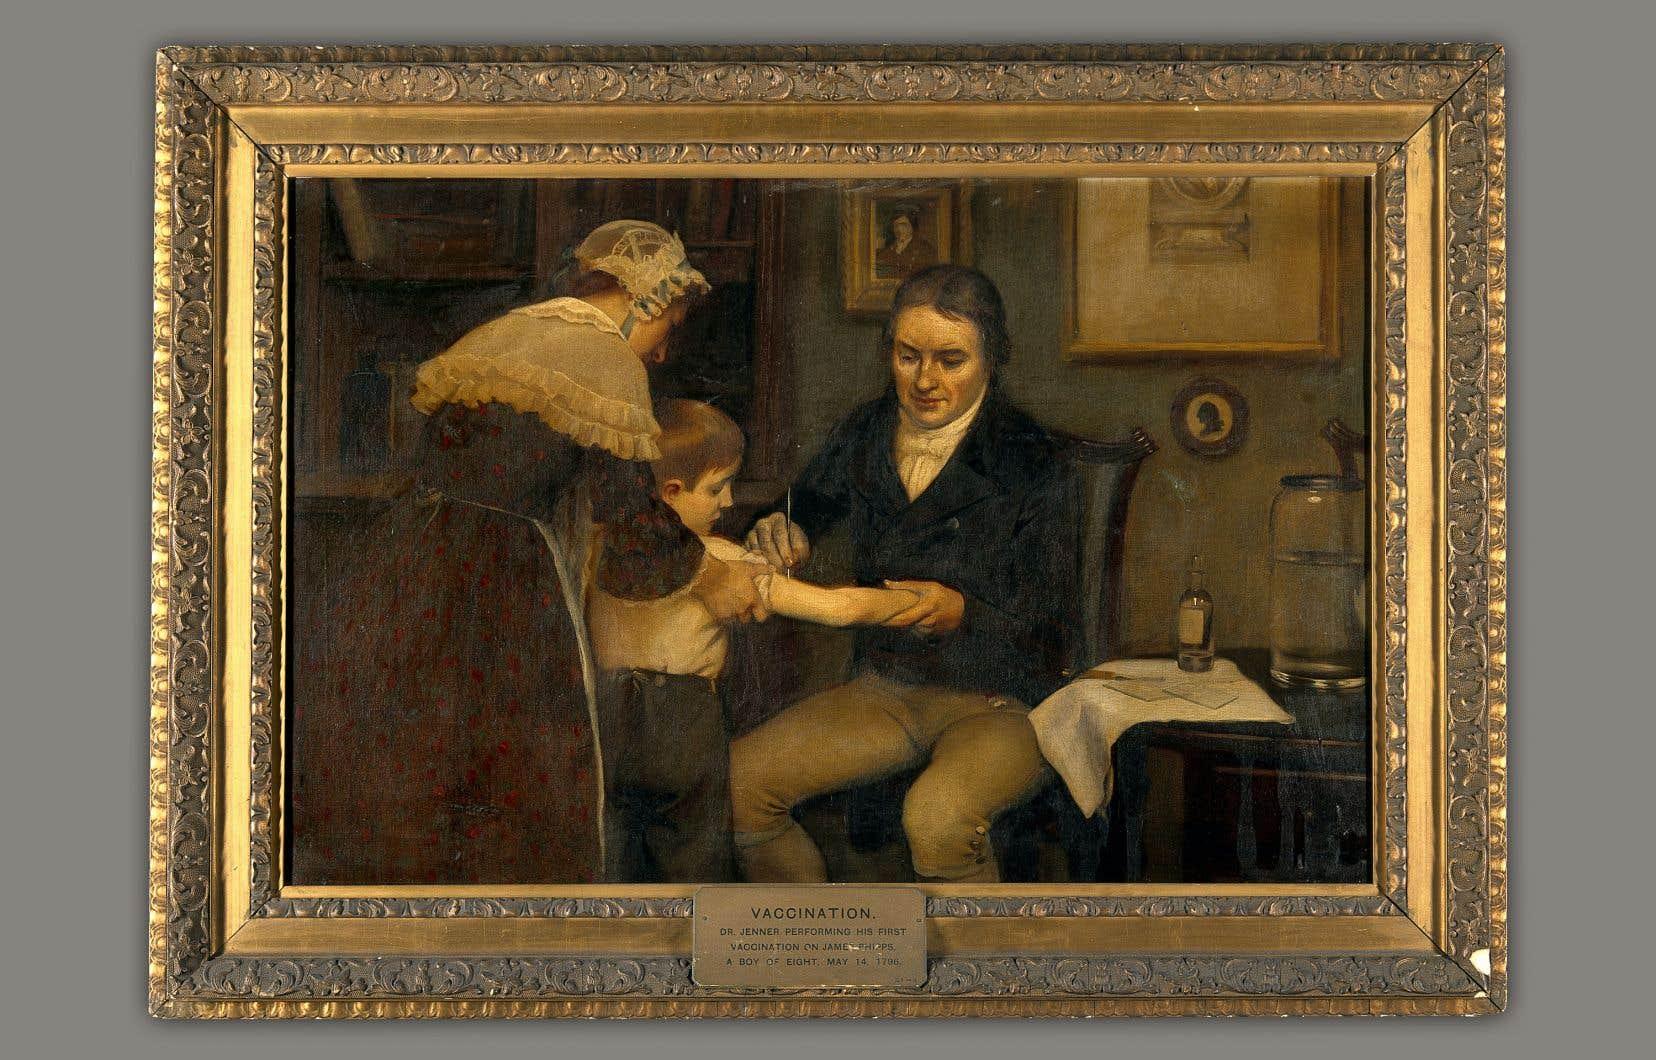 Huile sur toile d'Ernest Board, représentant le docteur Edward Jenner effectuant sa première vaccination sur un enfant de 8 ans, en 1796.